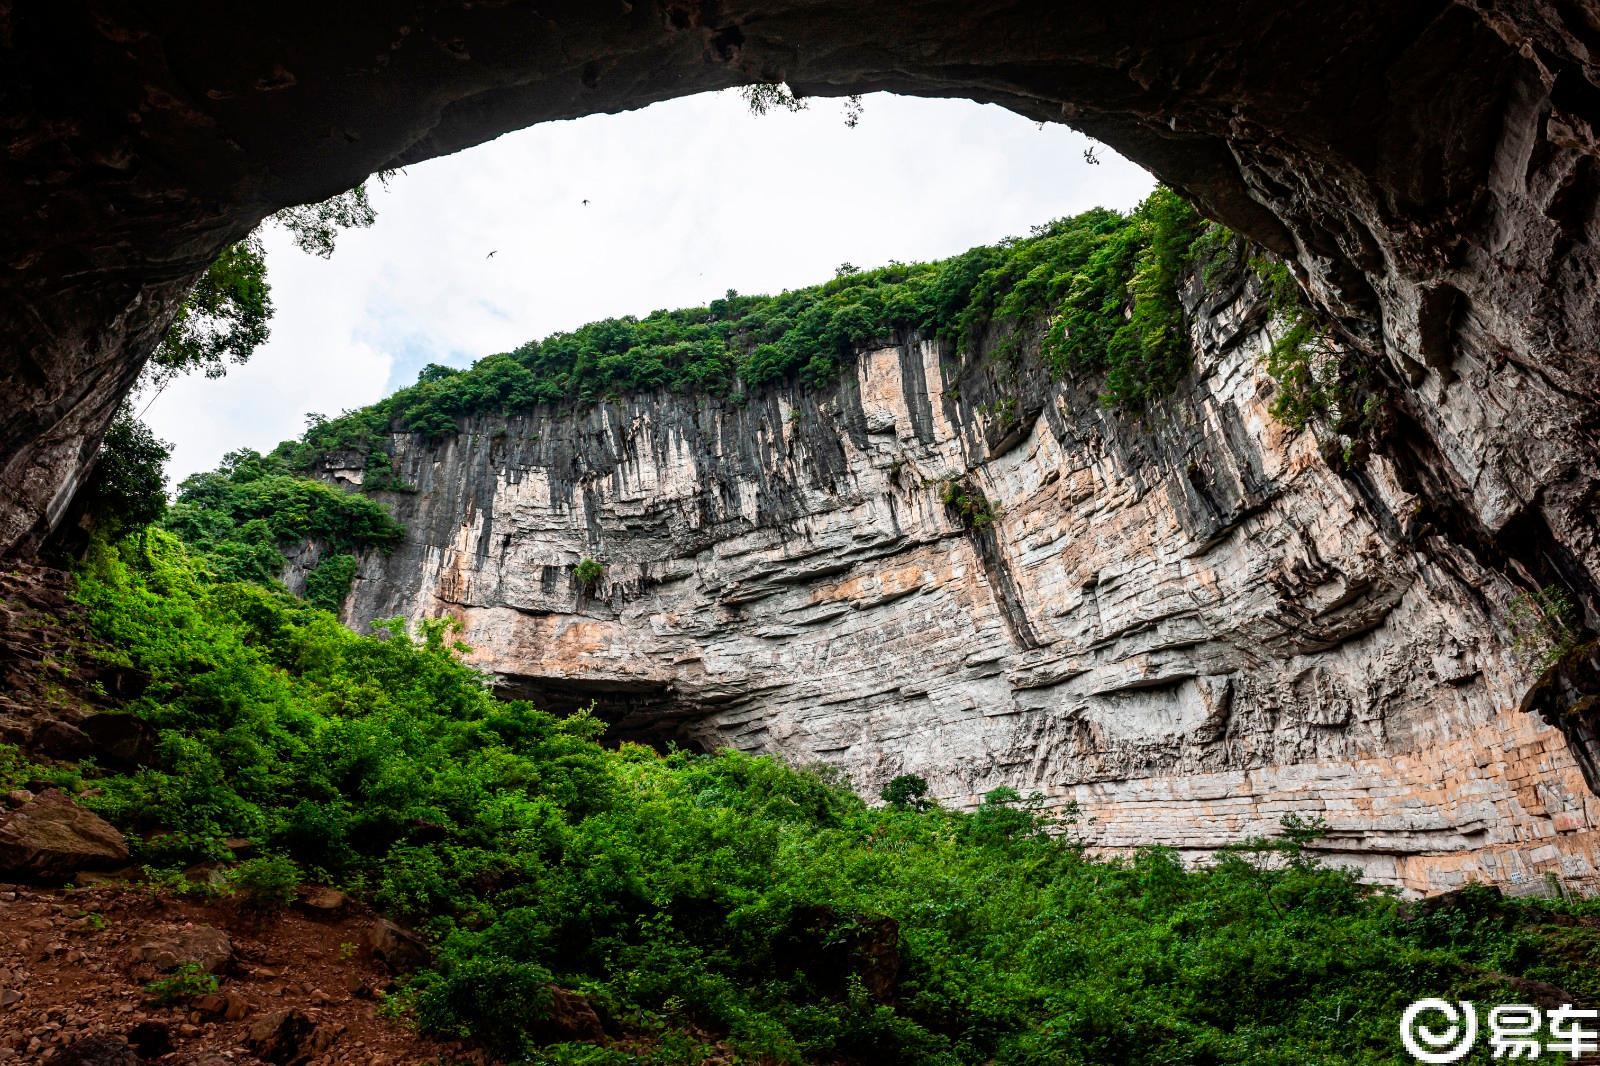 【游永南奇岩,赏摩崖石刻——道县月岩】